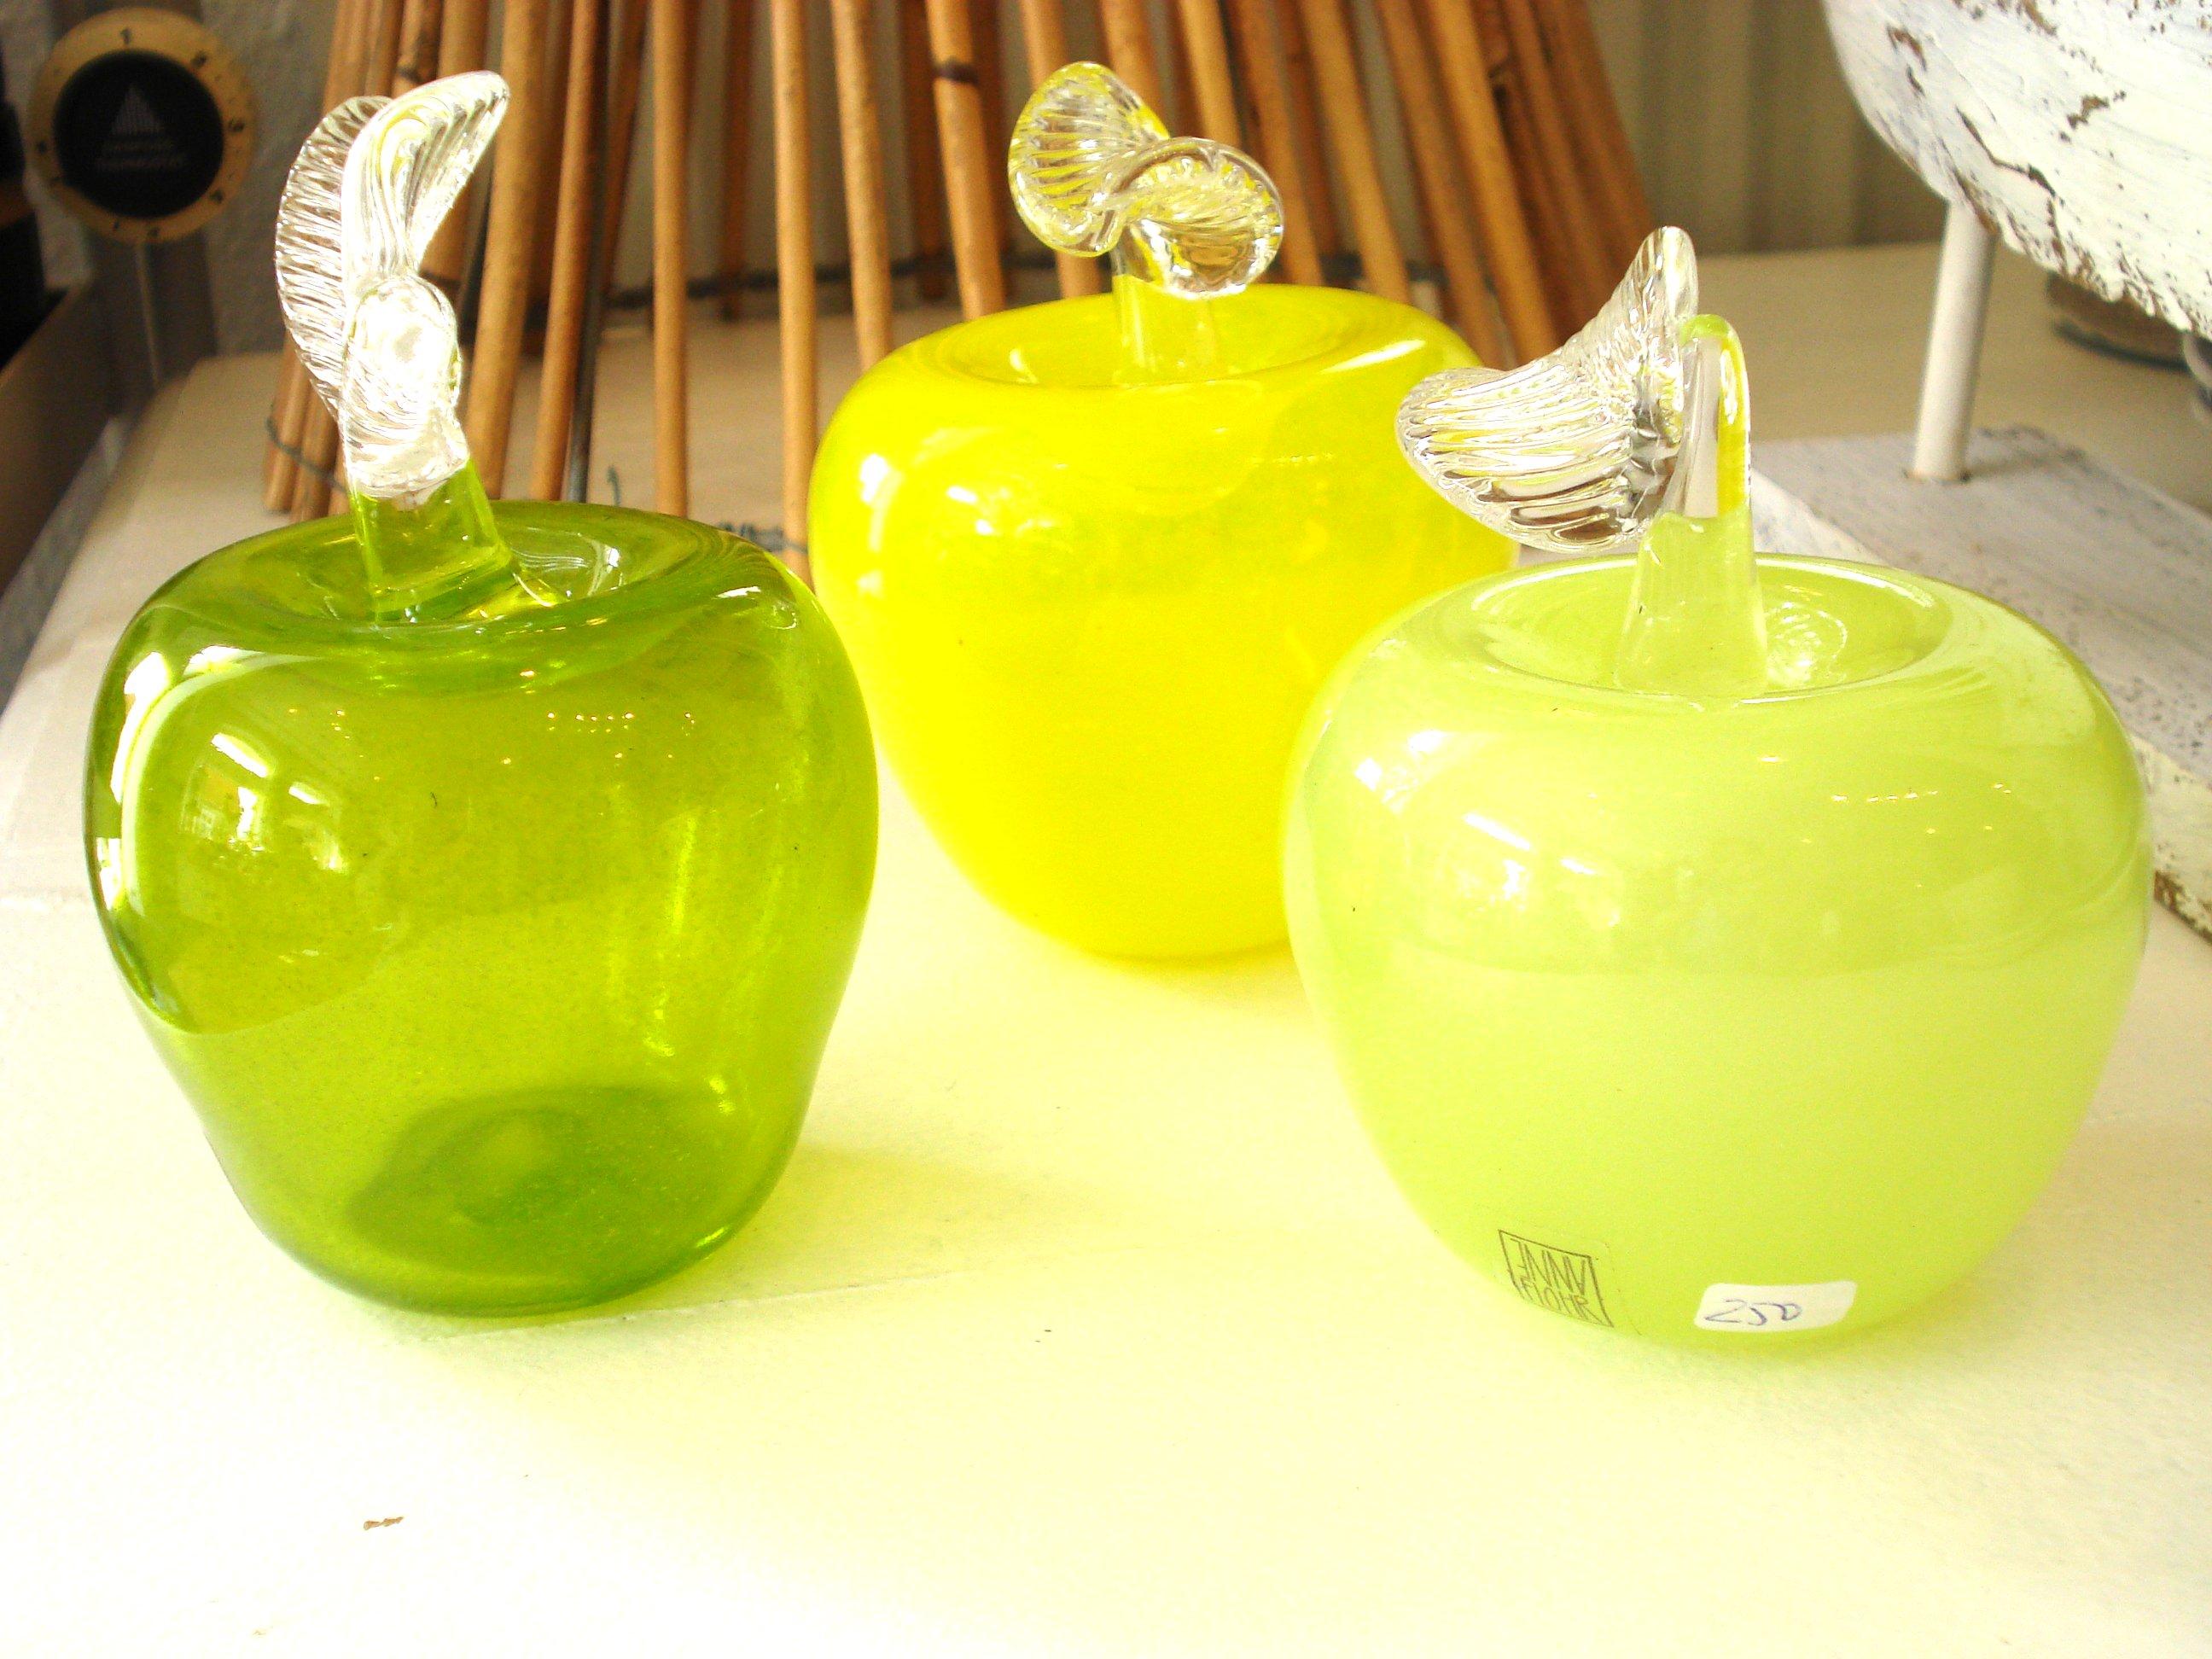 Glas æbler fra Anne Flohr